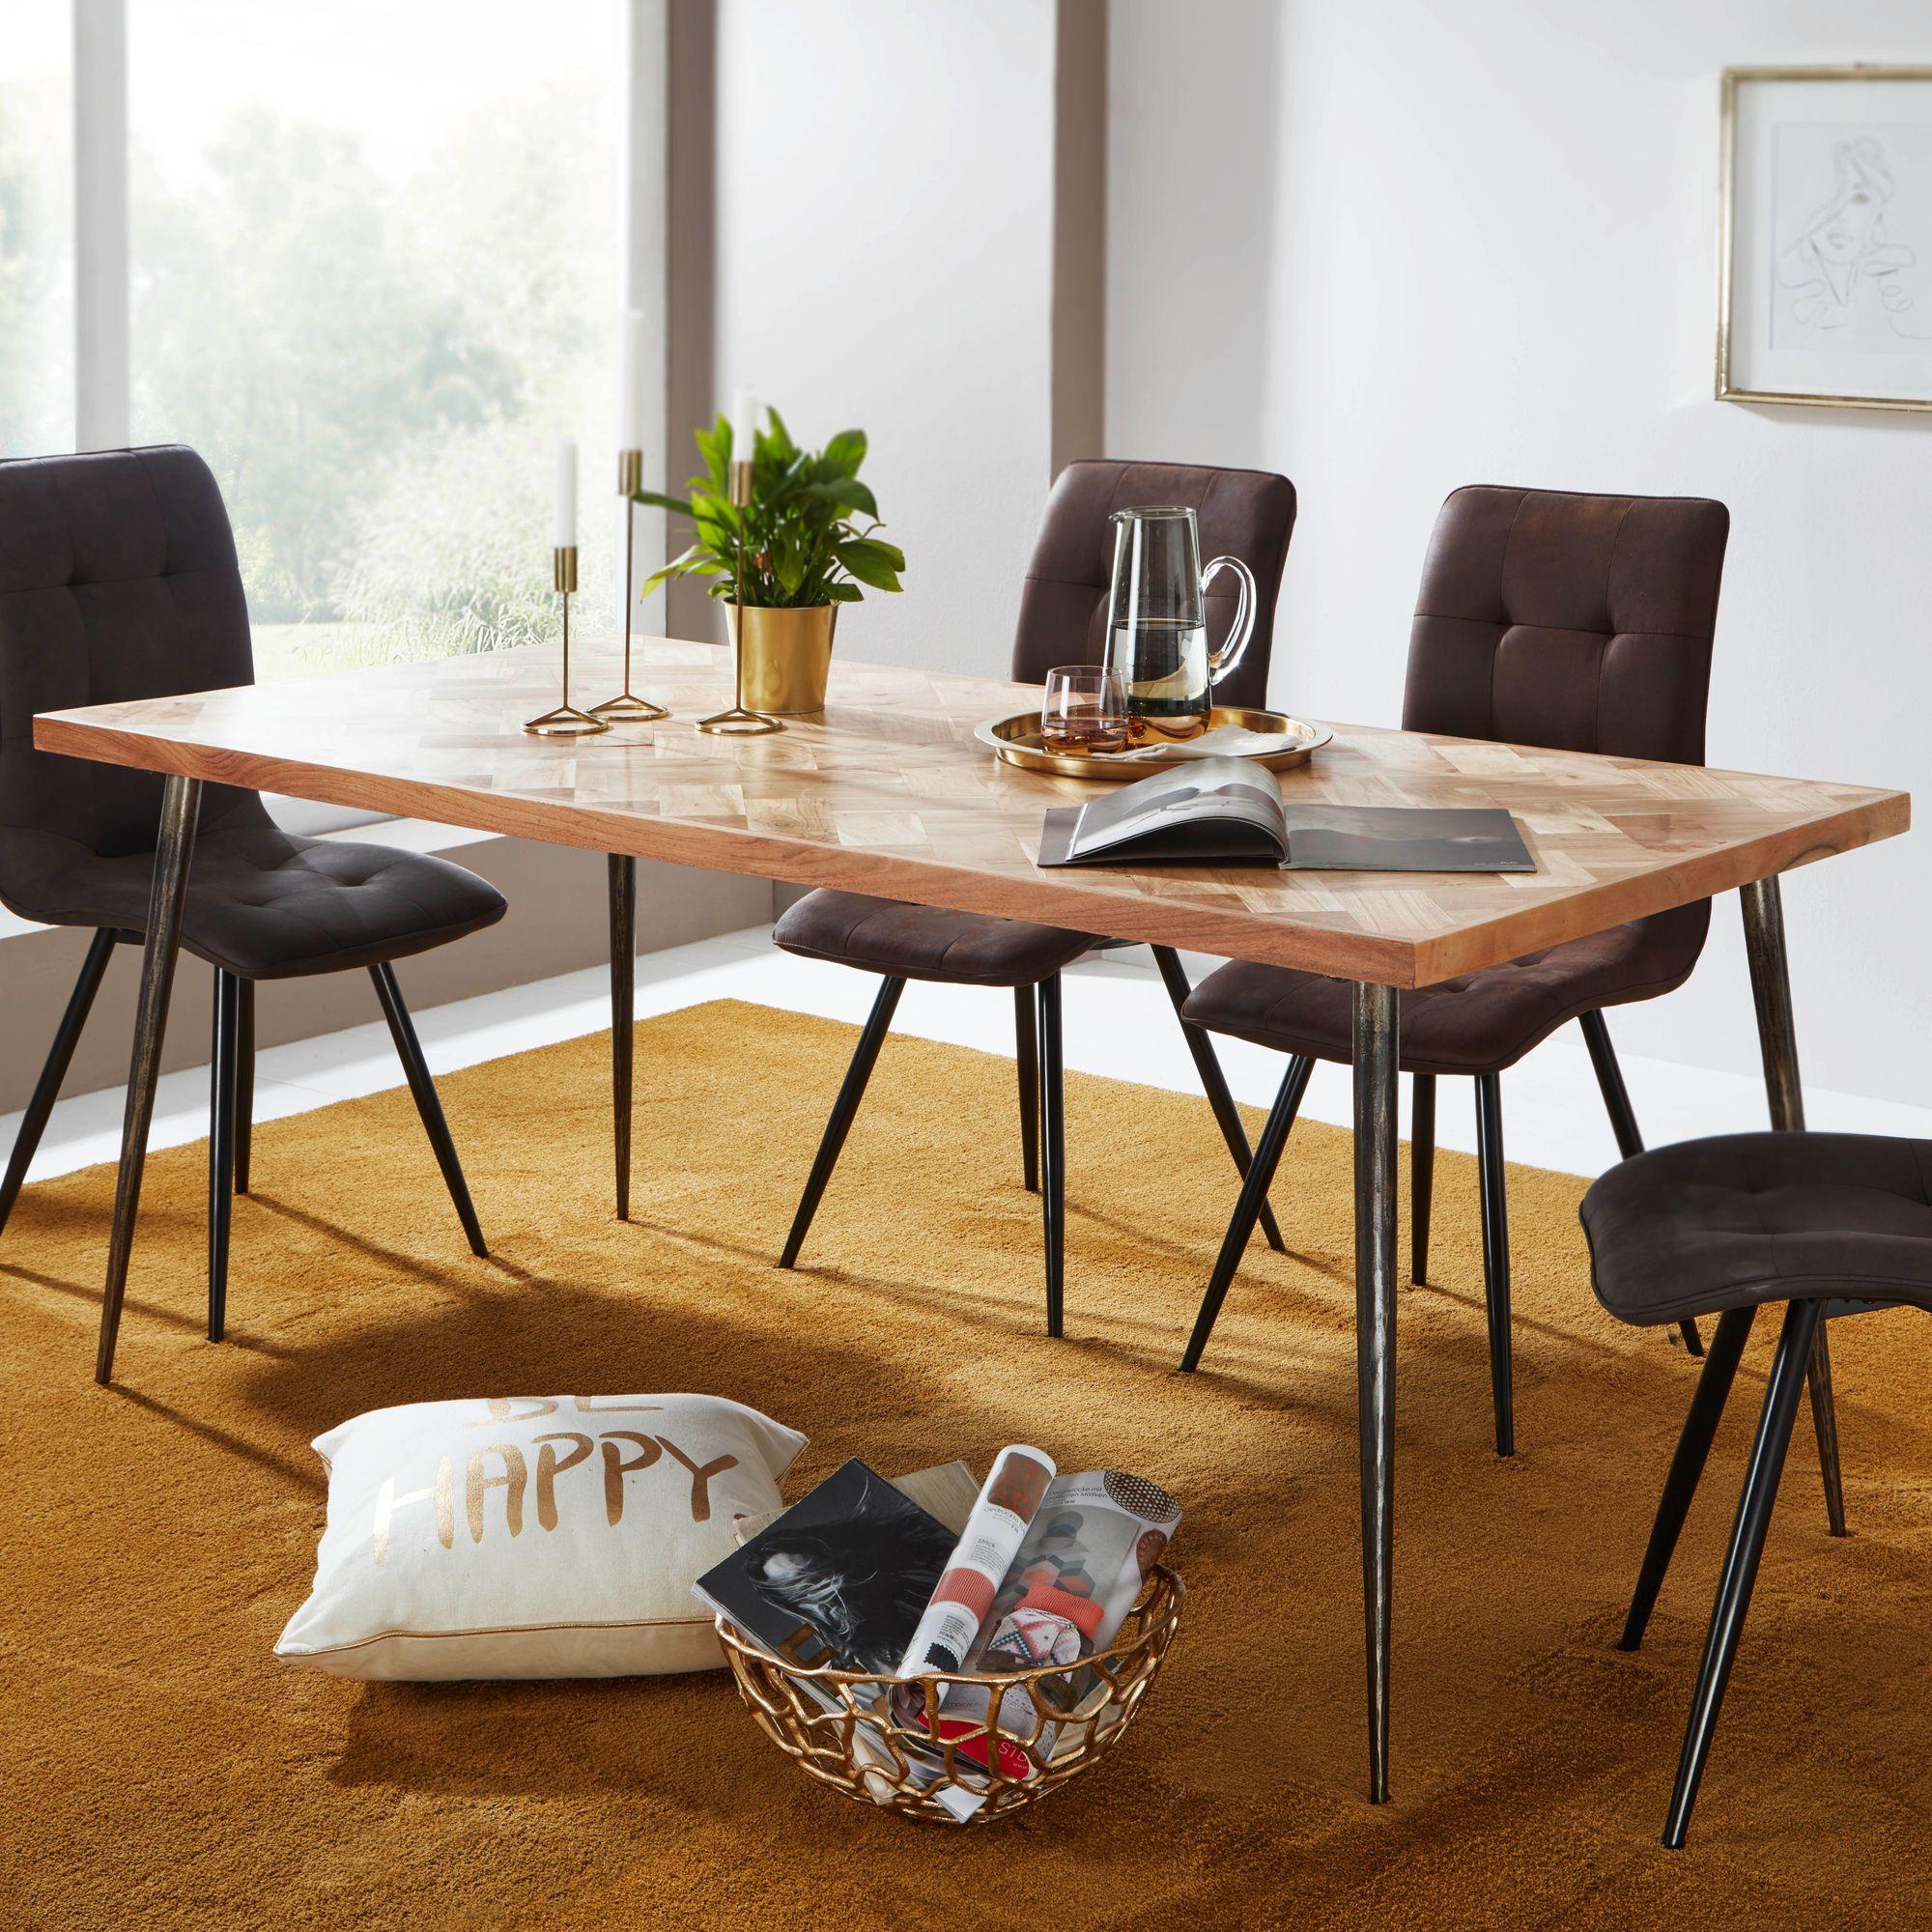 WOHNLING Esstisch LODI Esszimmertisch Massivholz Holztisch Tisch Esszimmer  180cm